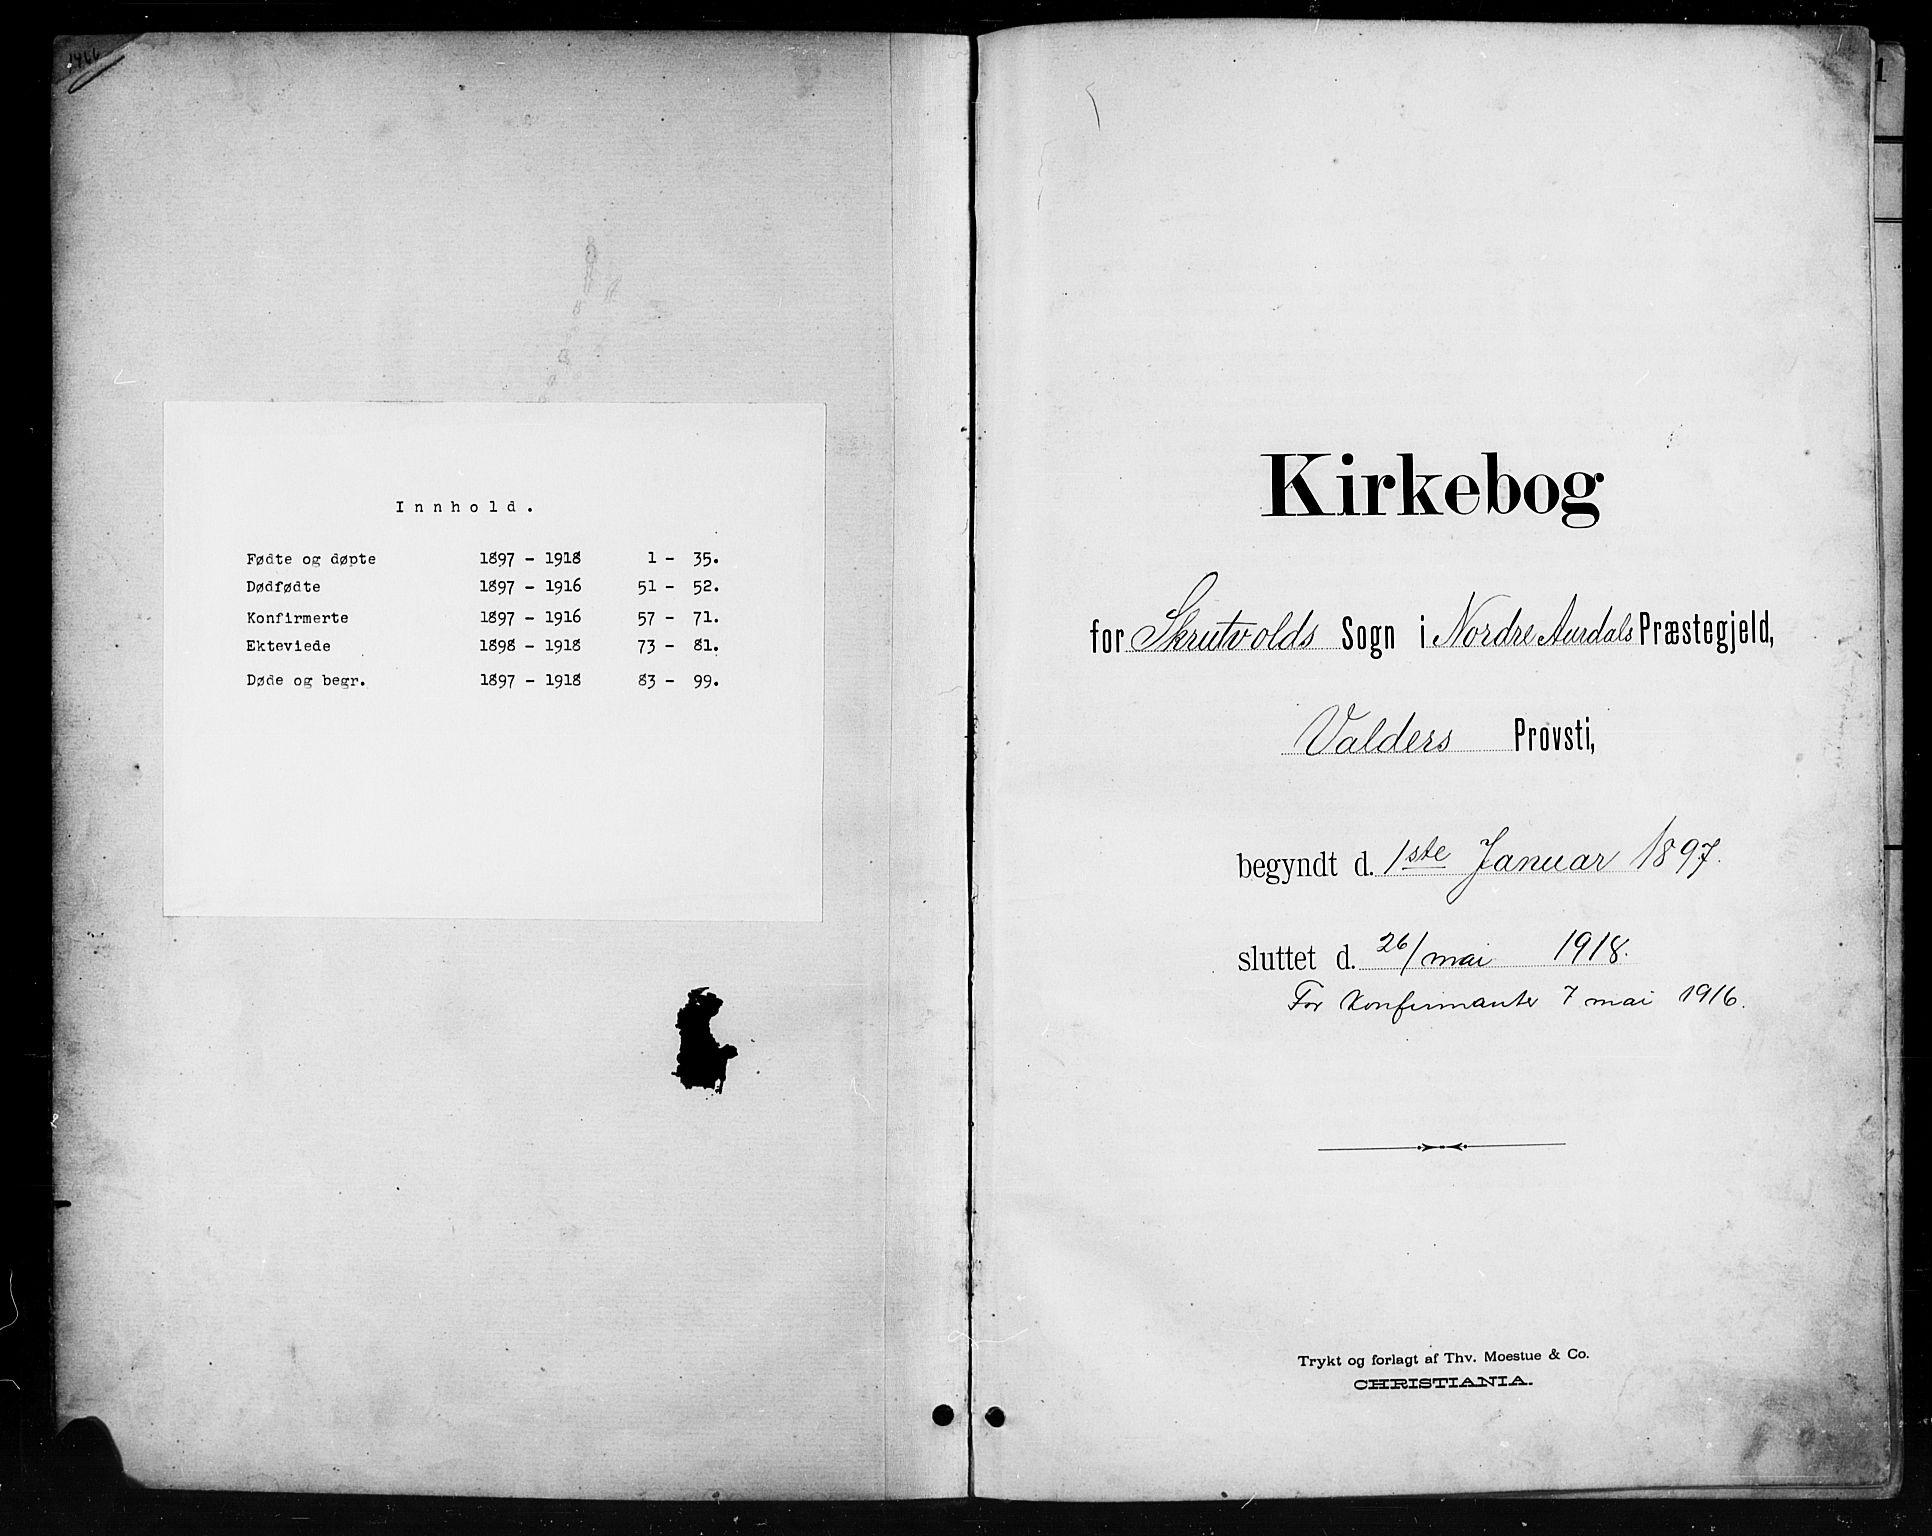 SAH, Nord-Aurdal prestekontor, Klokkerbok nr. 11, 1897-1918